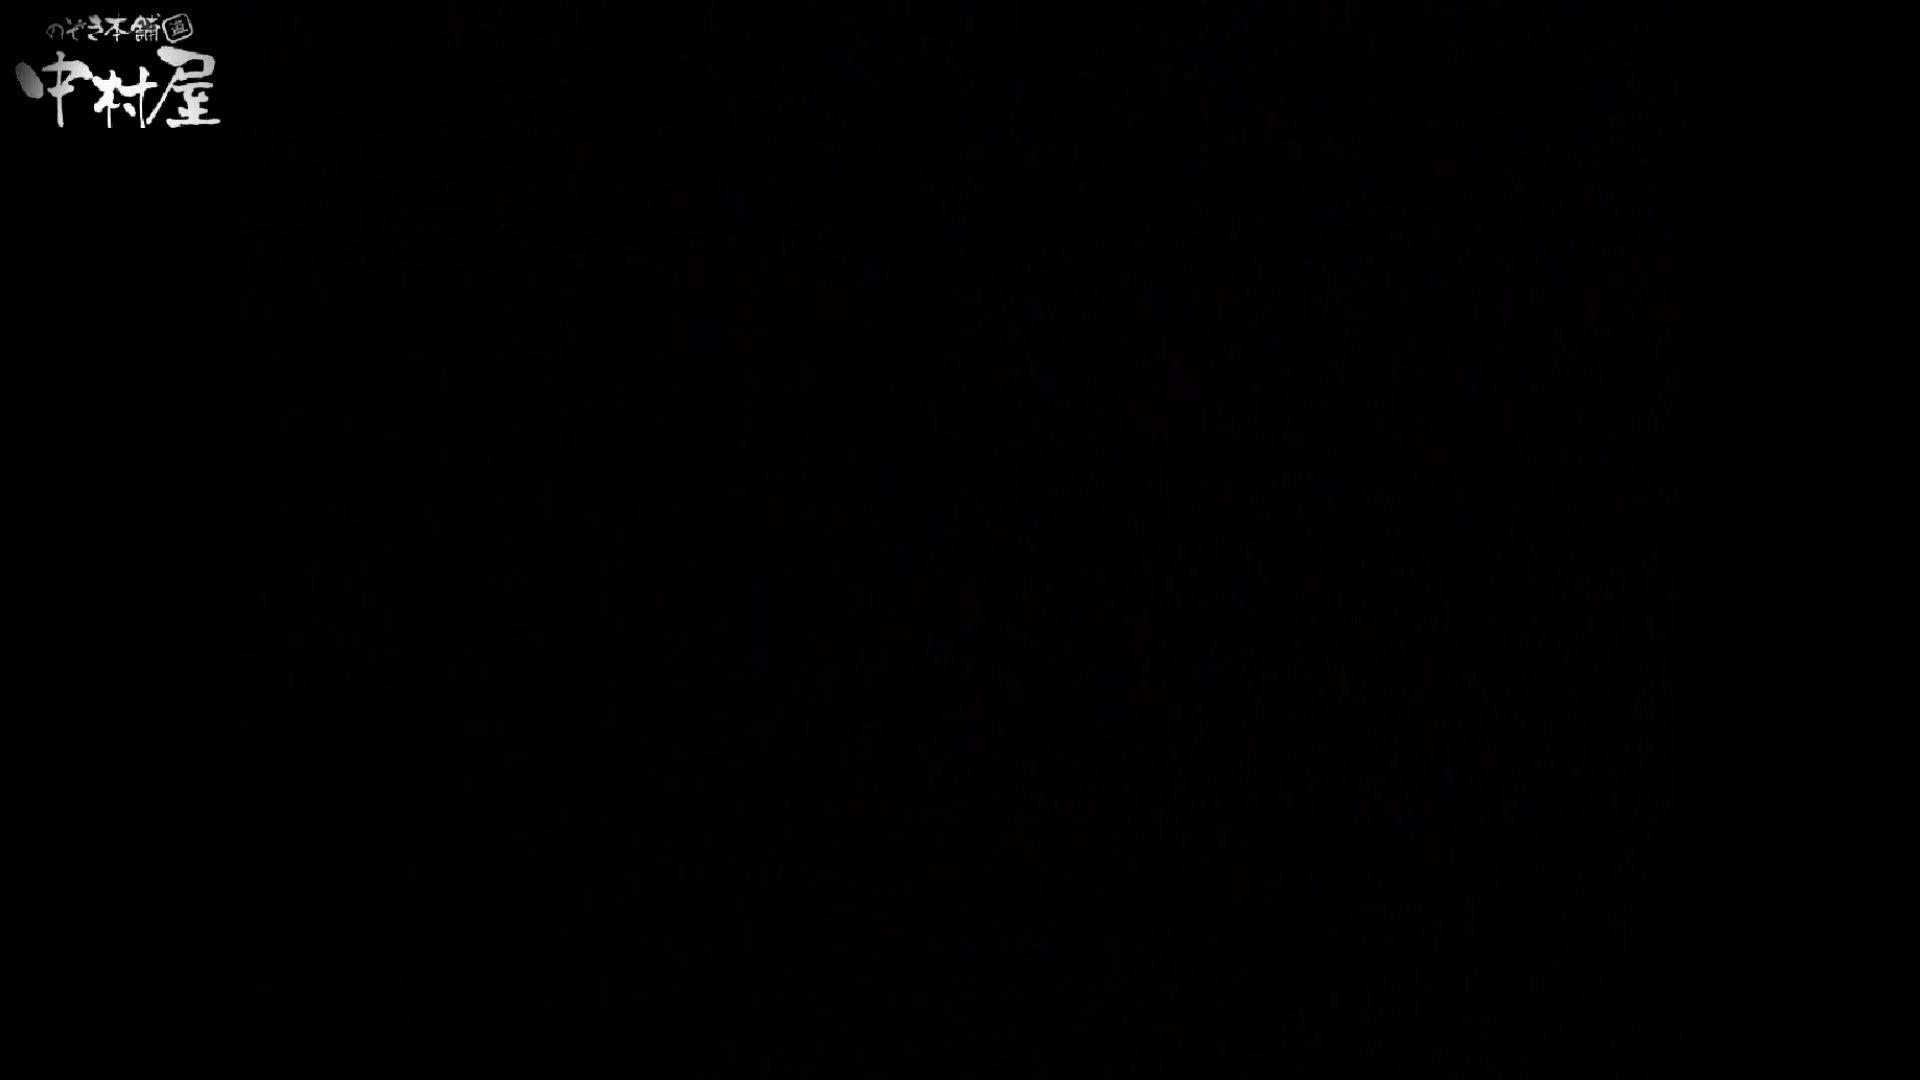 民家風呂専門盗撮師の超危険映像 vol.015 OLのエロ生活 ワレメ無修正動画無料 107連発 38